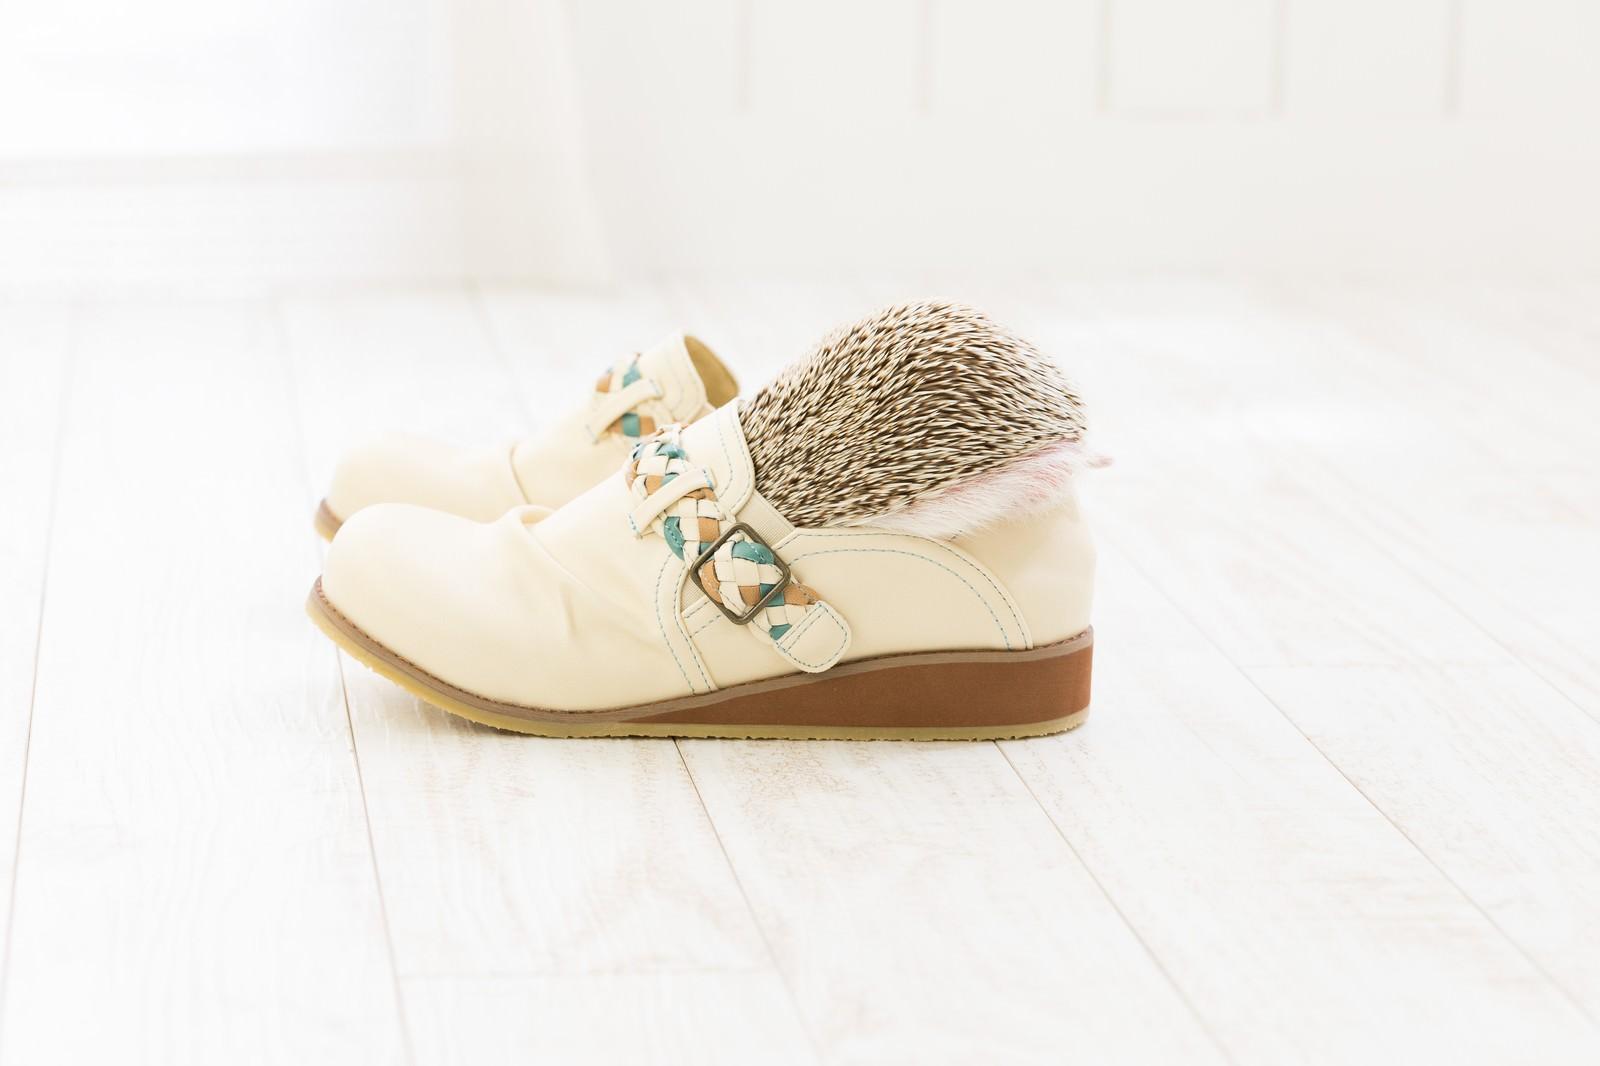 「靴にすっぽり隠れるハリネズミ」の写真